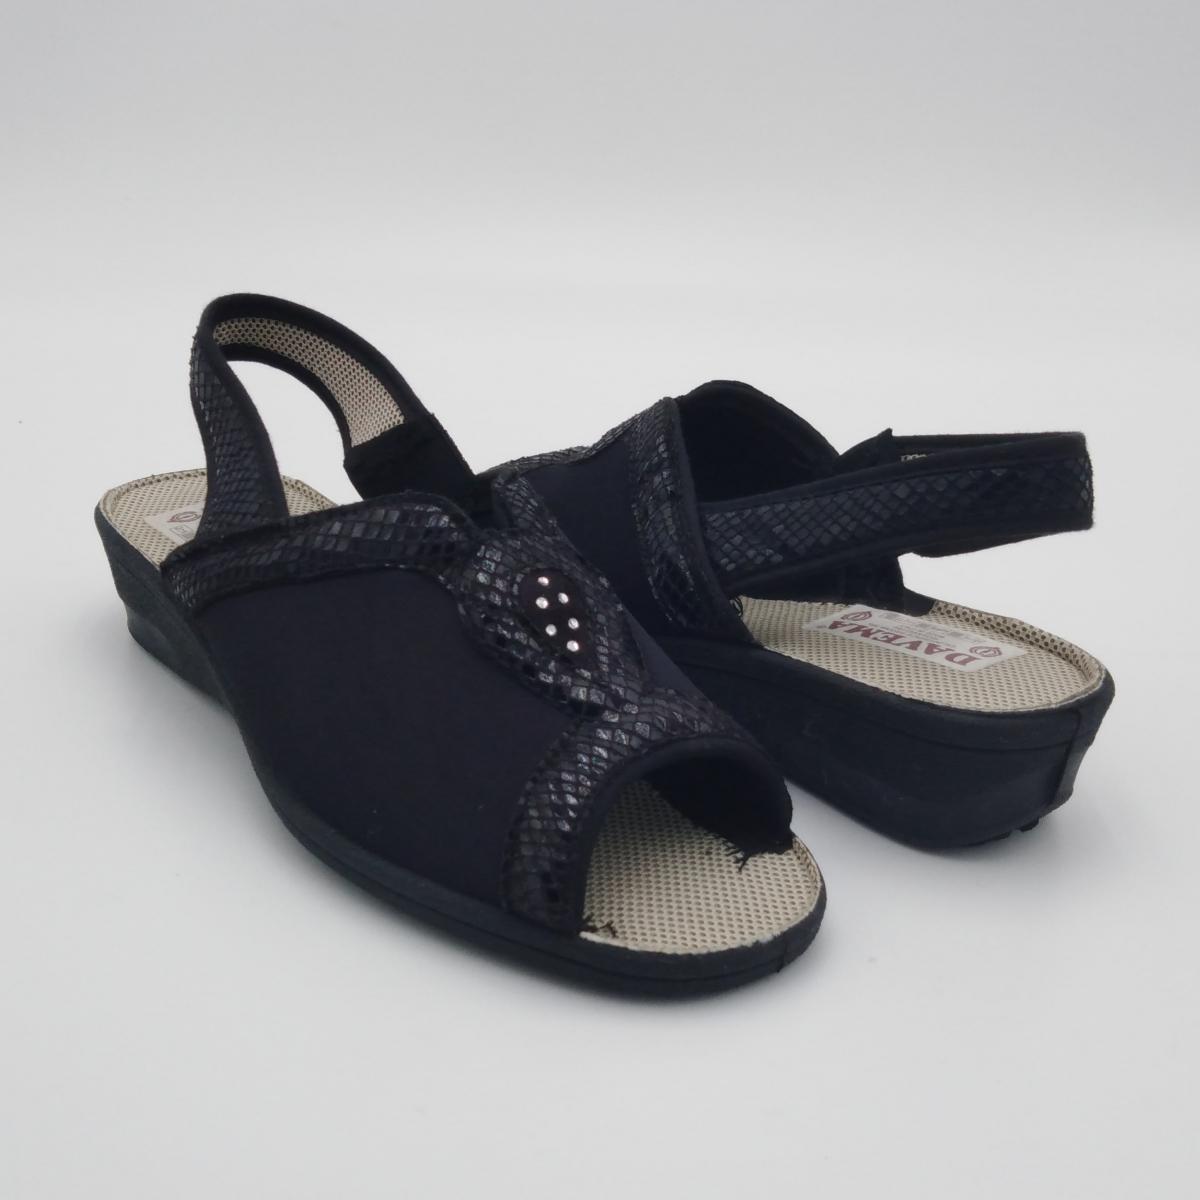 Davema -Sandalo donna nero...